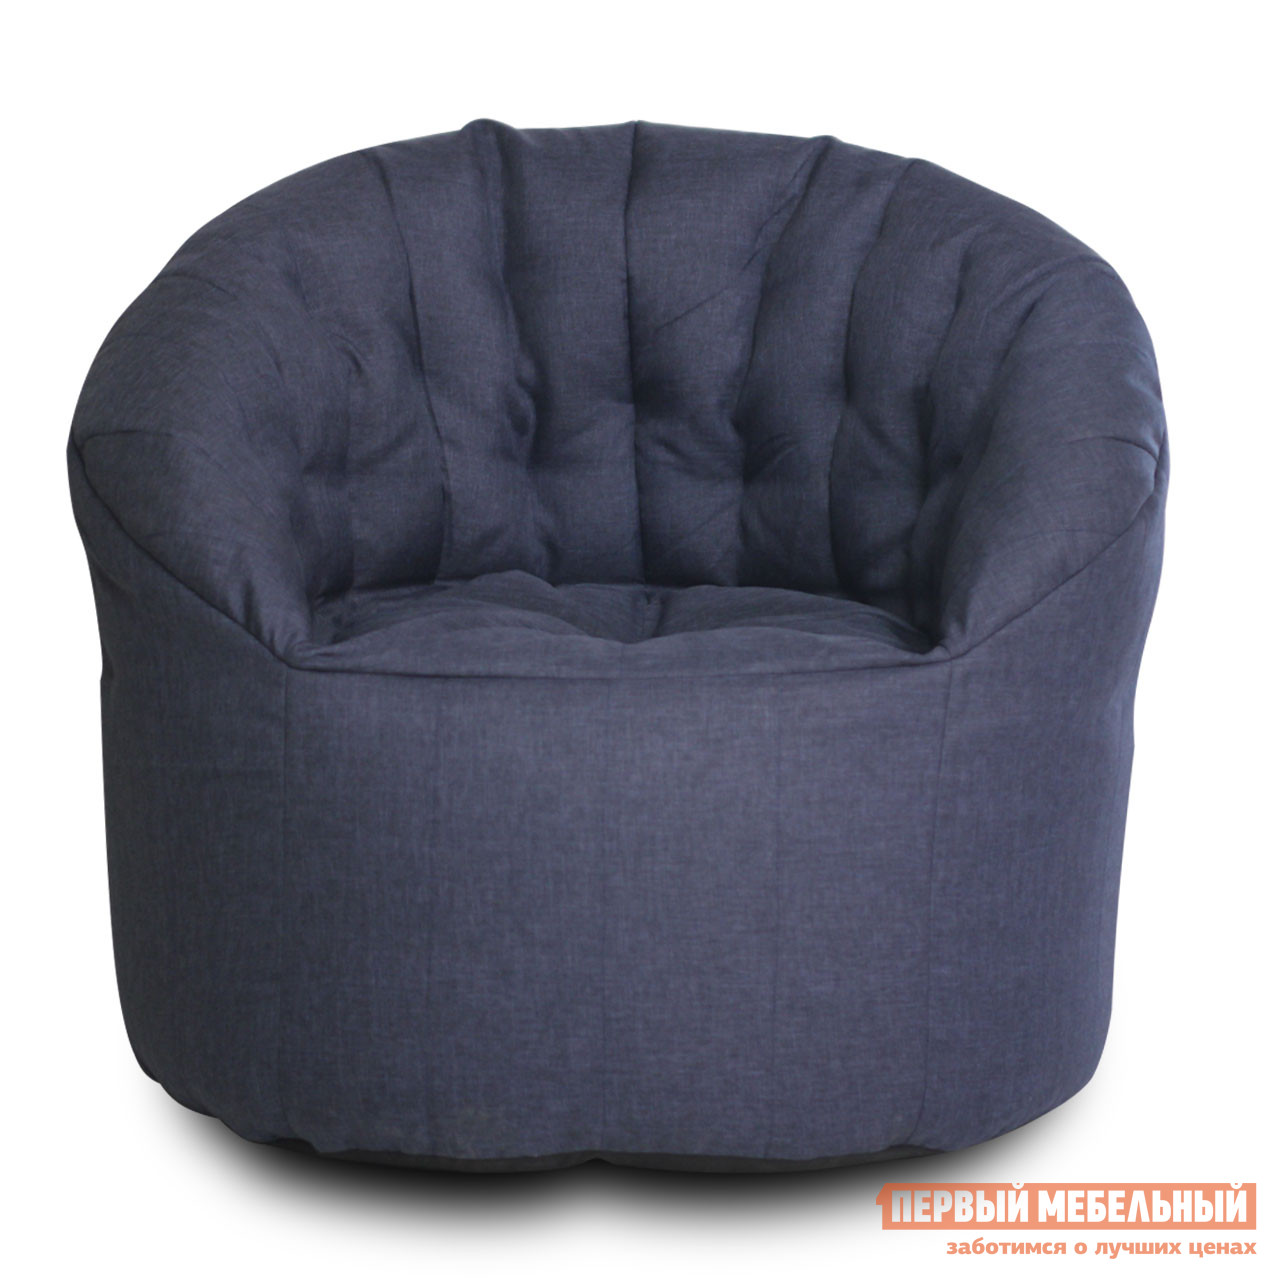 Кресло-мешок пенек DreamBag Пенек Австралия фантазер мастерская лепки глиняная свеча сказочный пенек